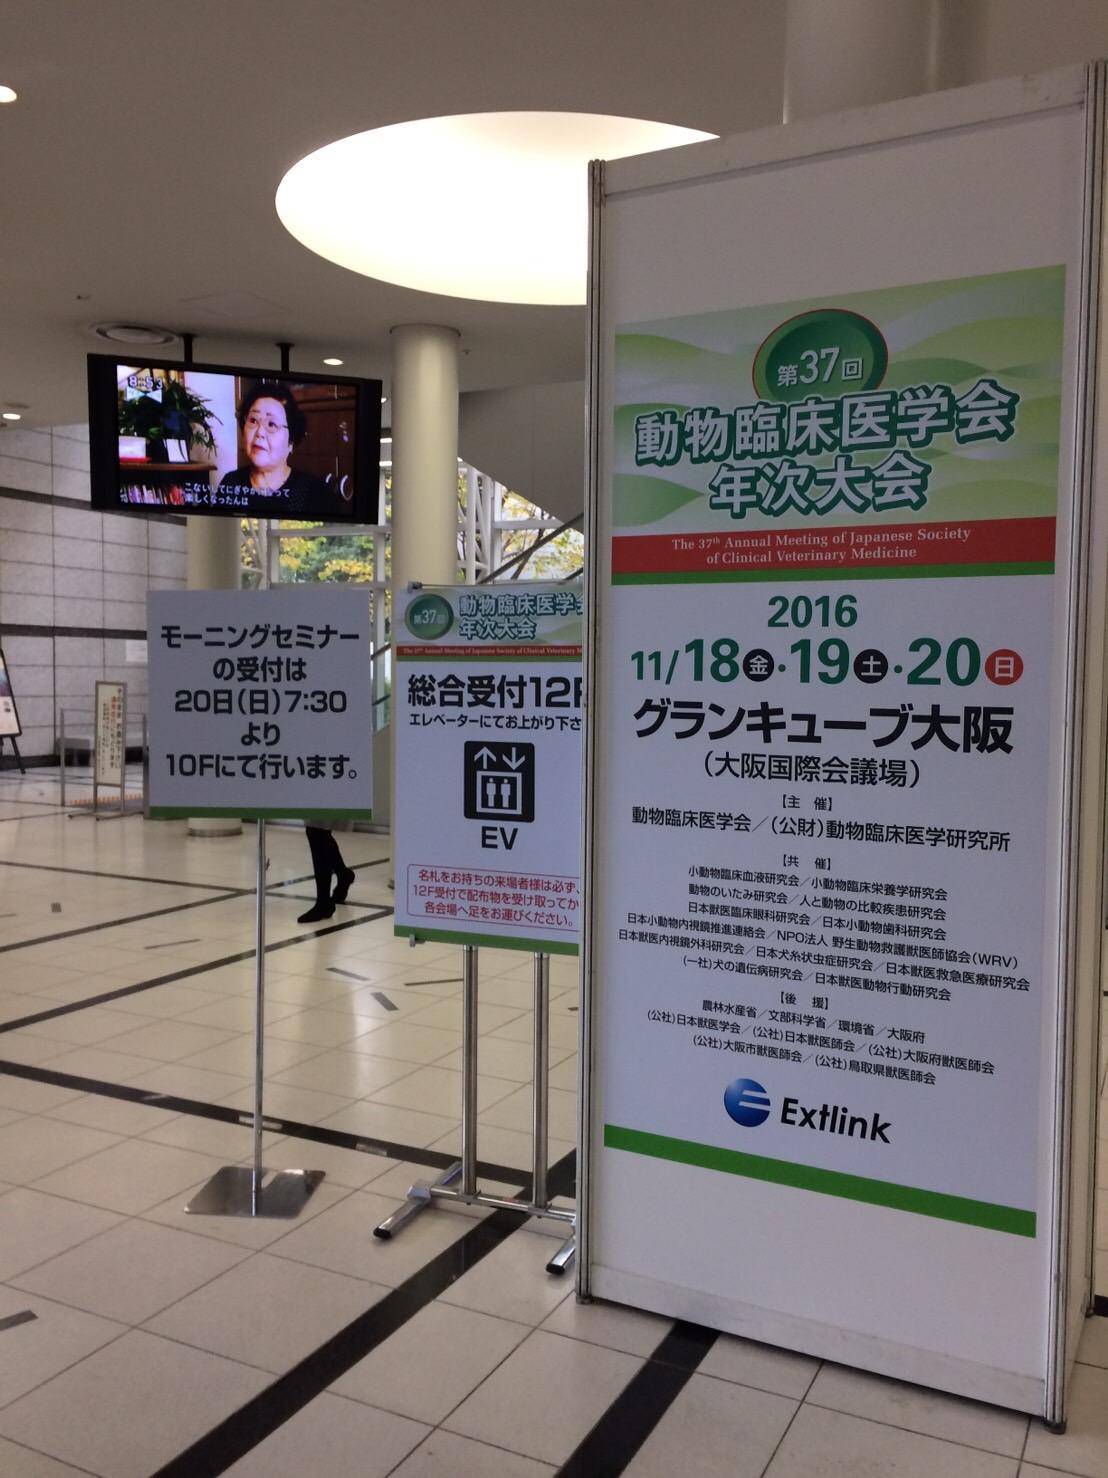 【先日大阪の学会に行ってきました】_b0059154_15027100.jpg